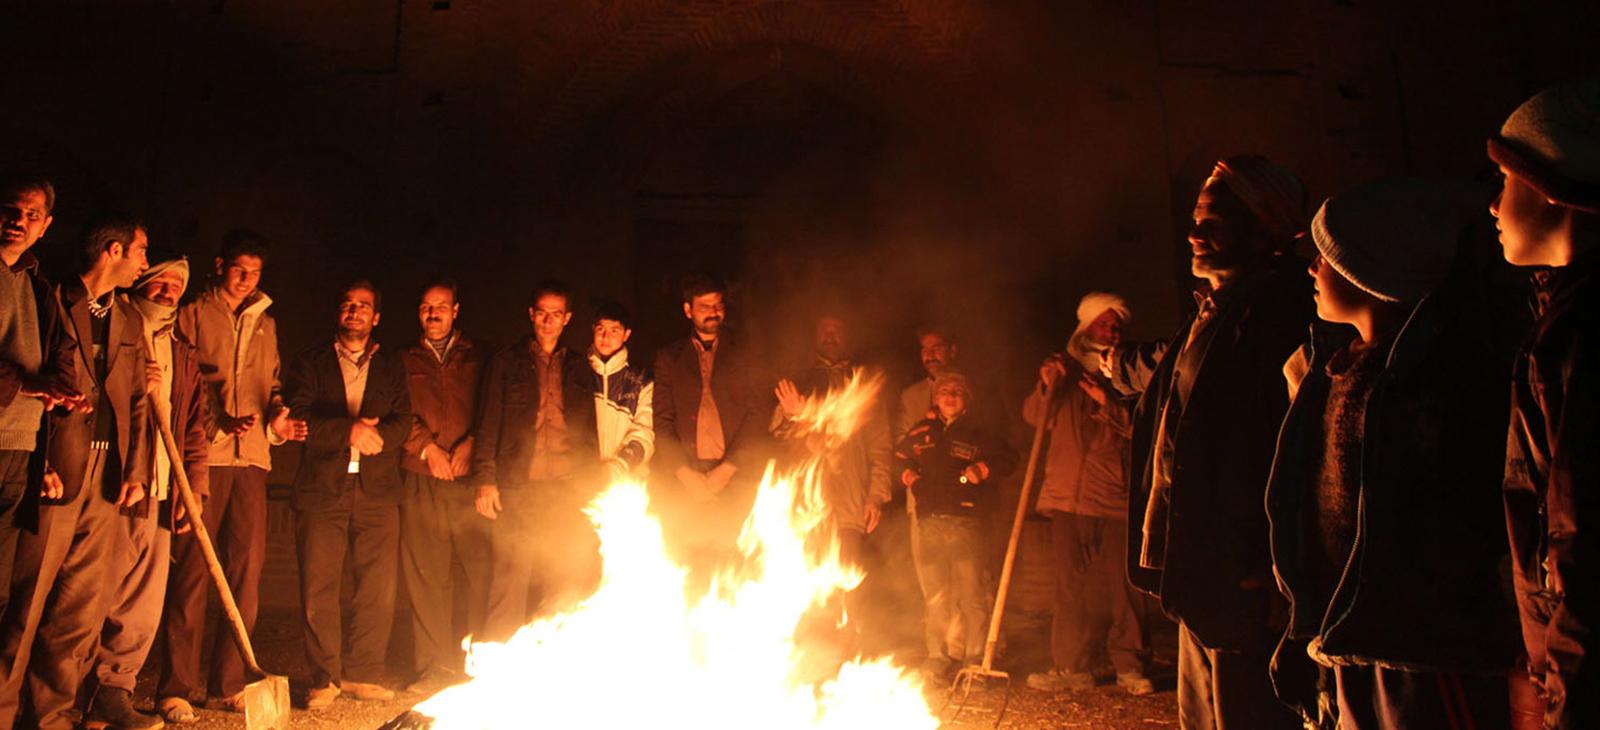 قصه ها و افسانه هایی که در شب نشینی کنار آتش بازگو می شود